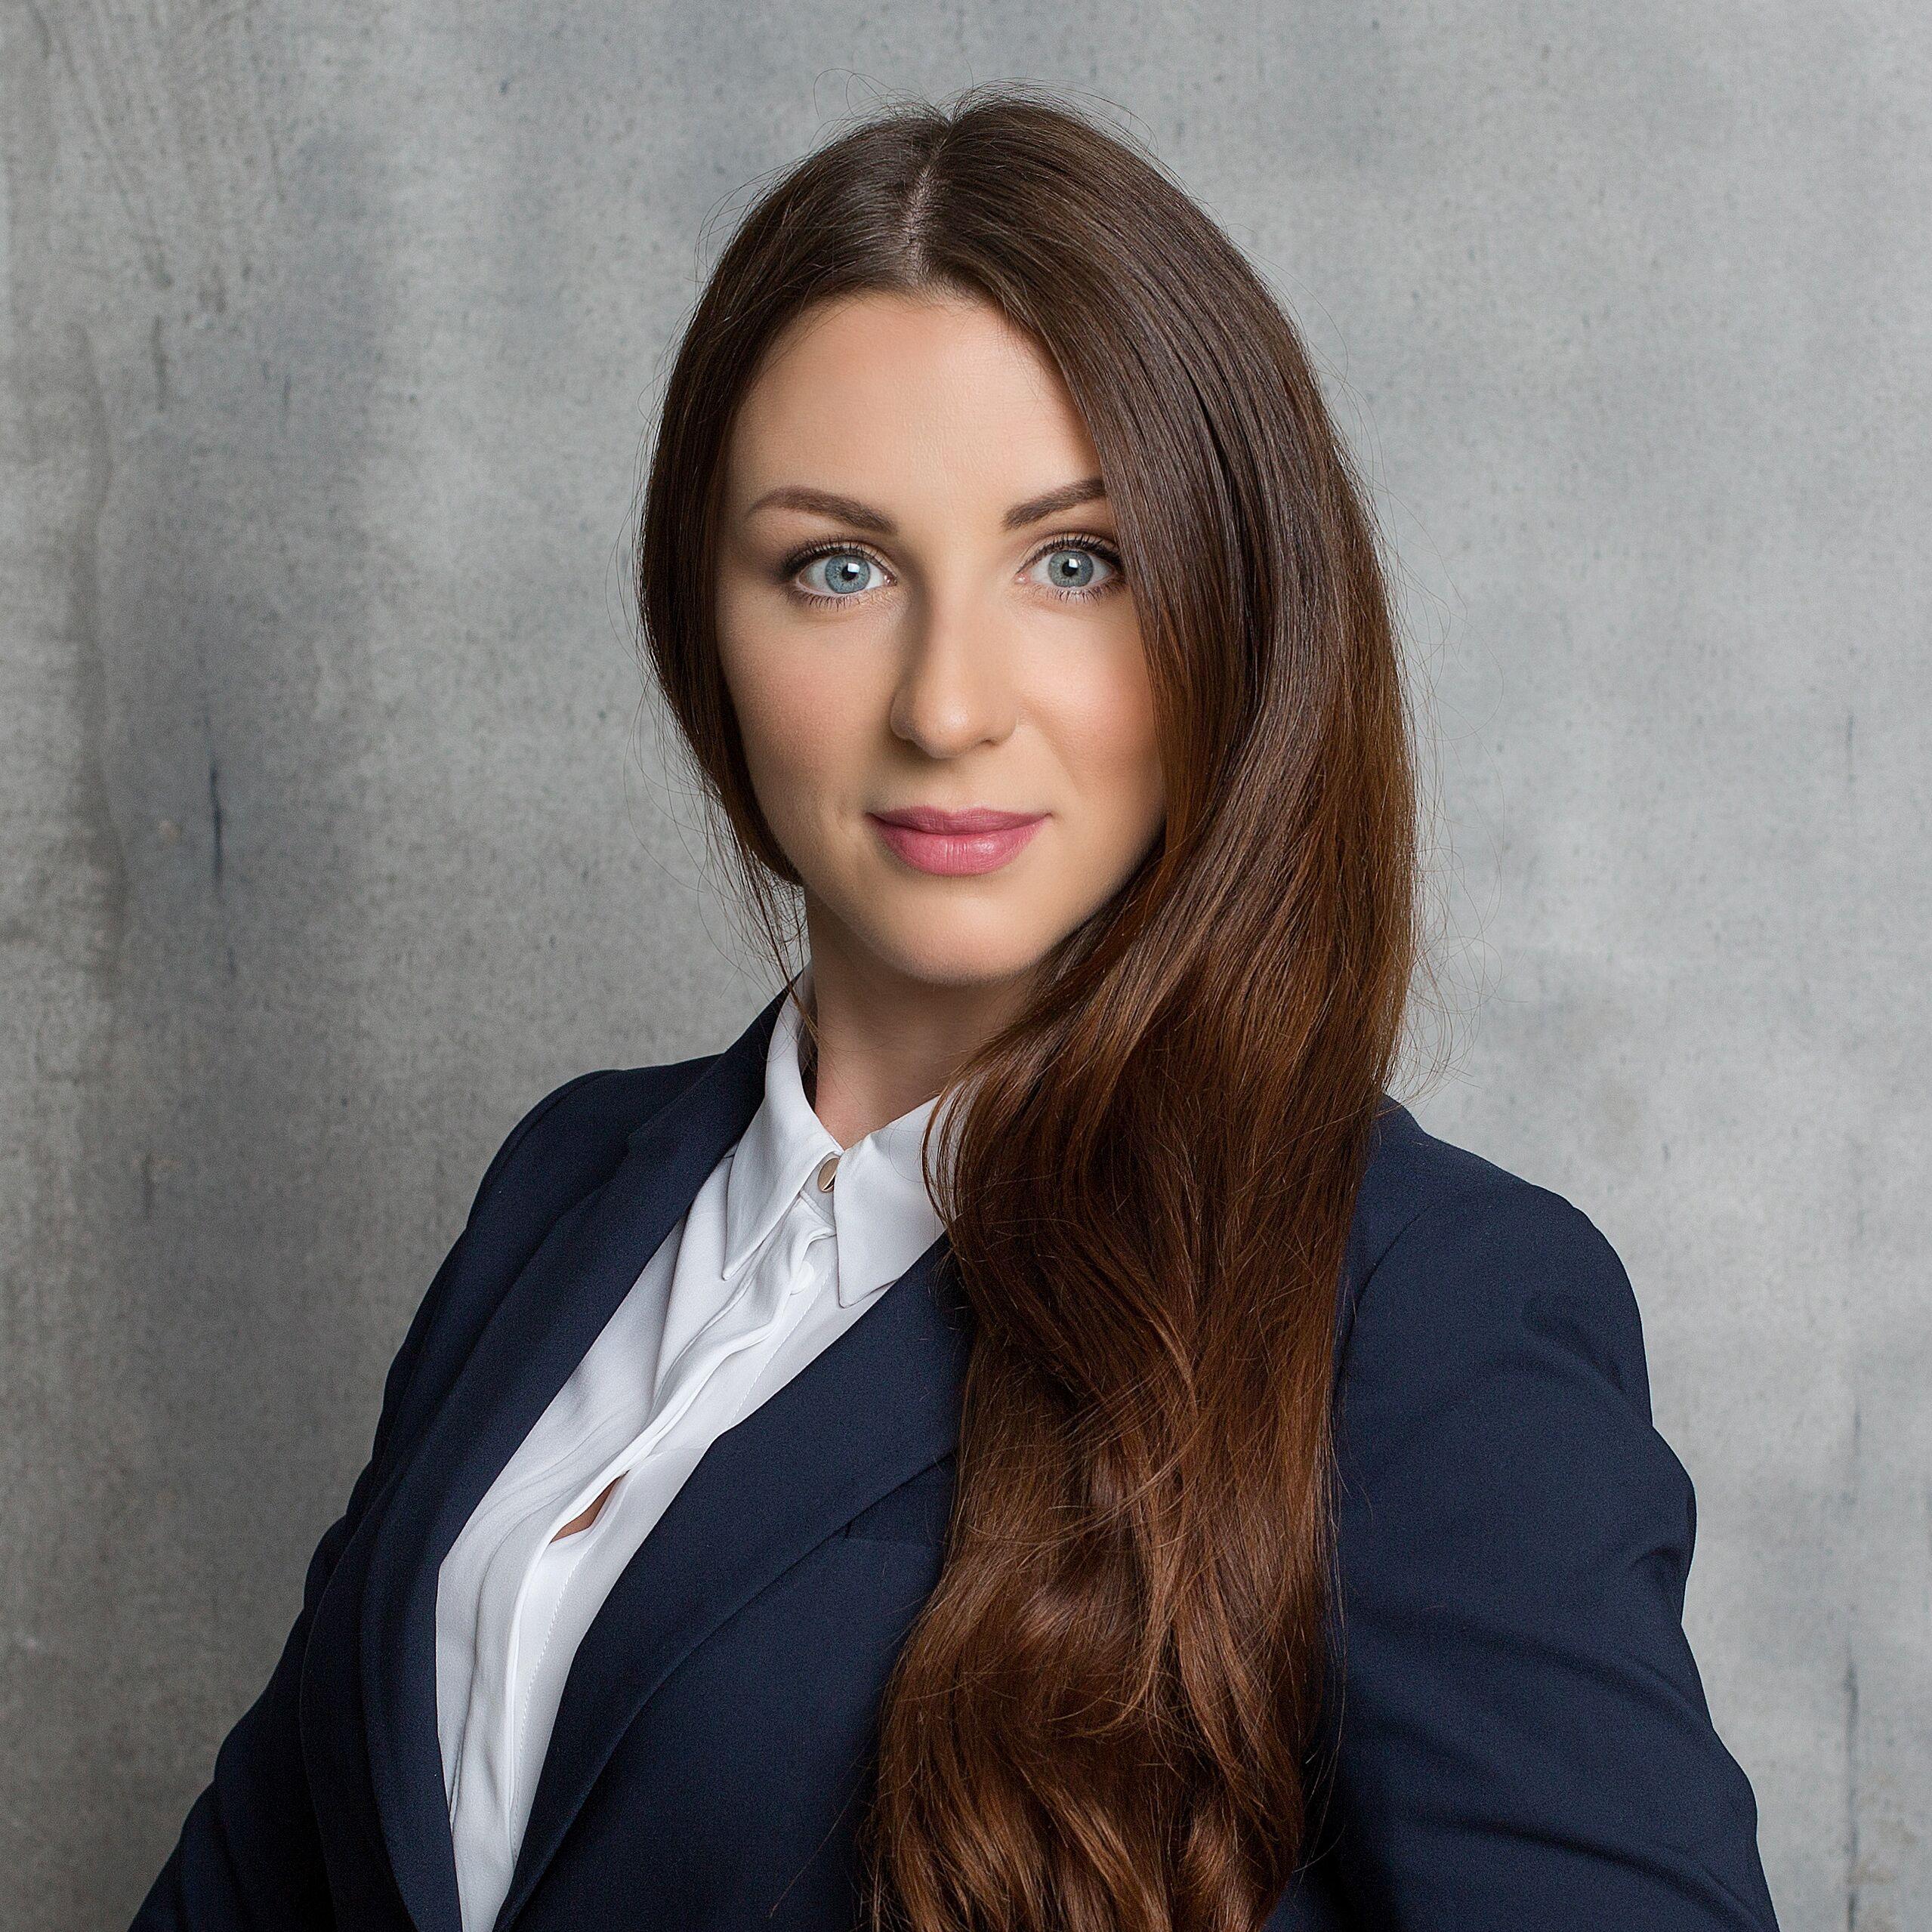 Juliana Stanišauskienė